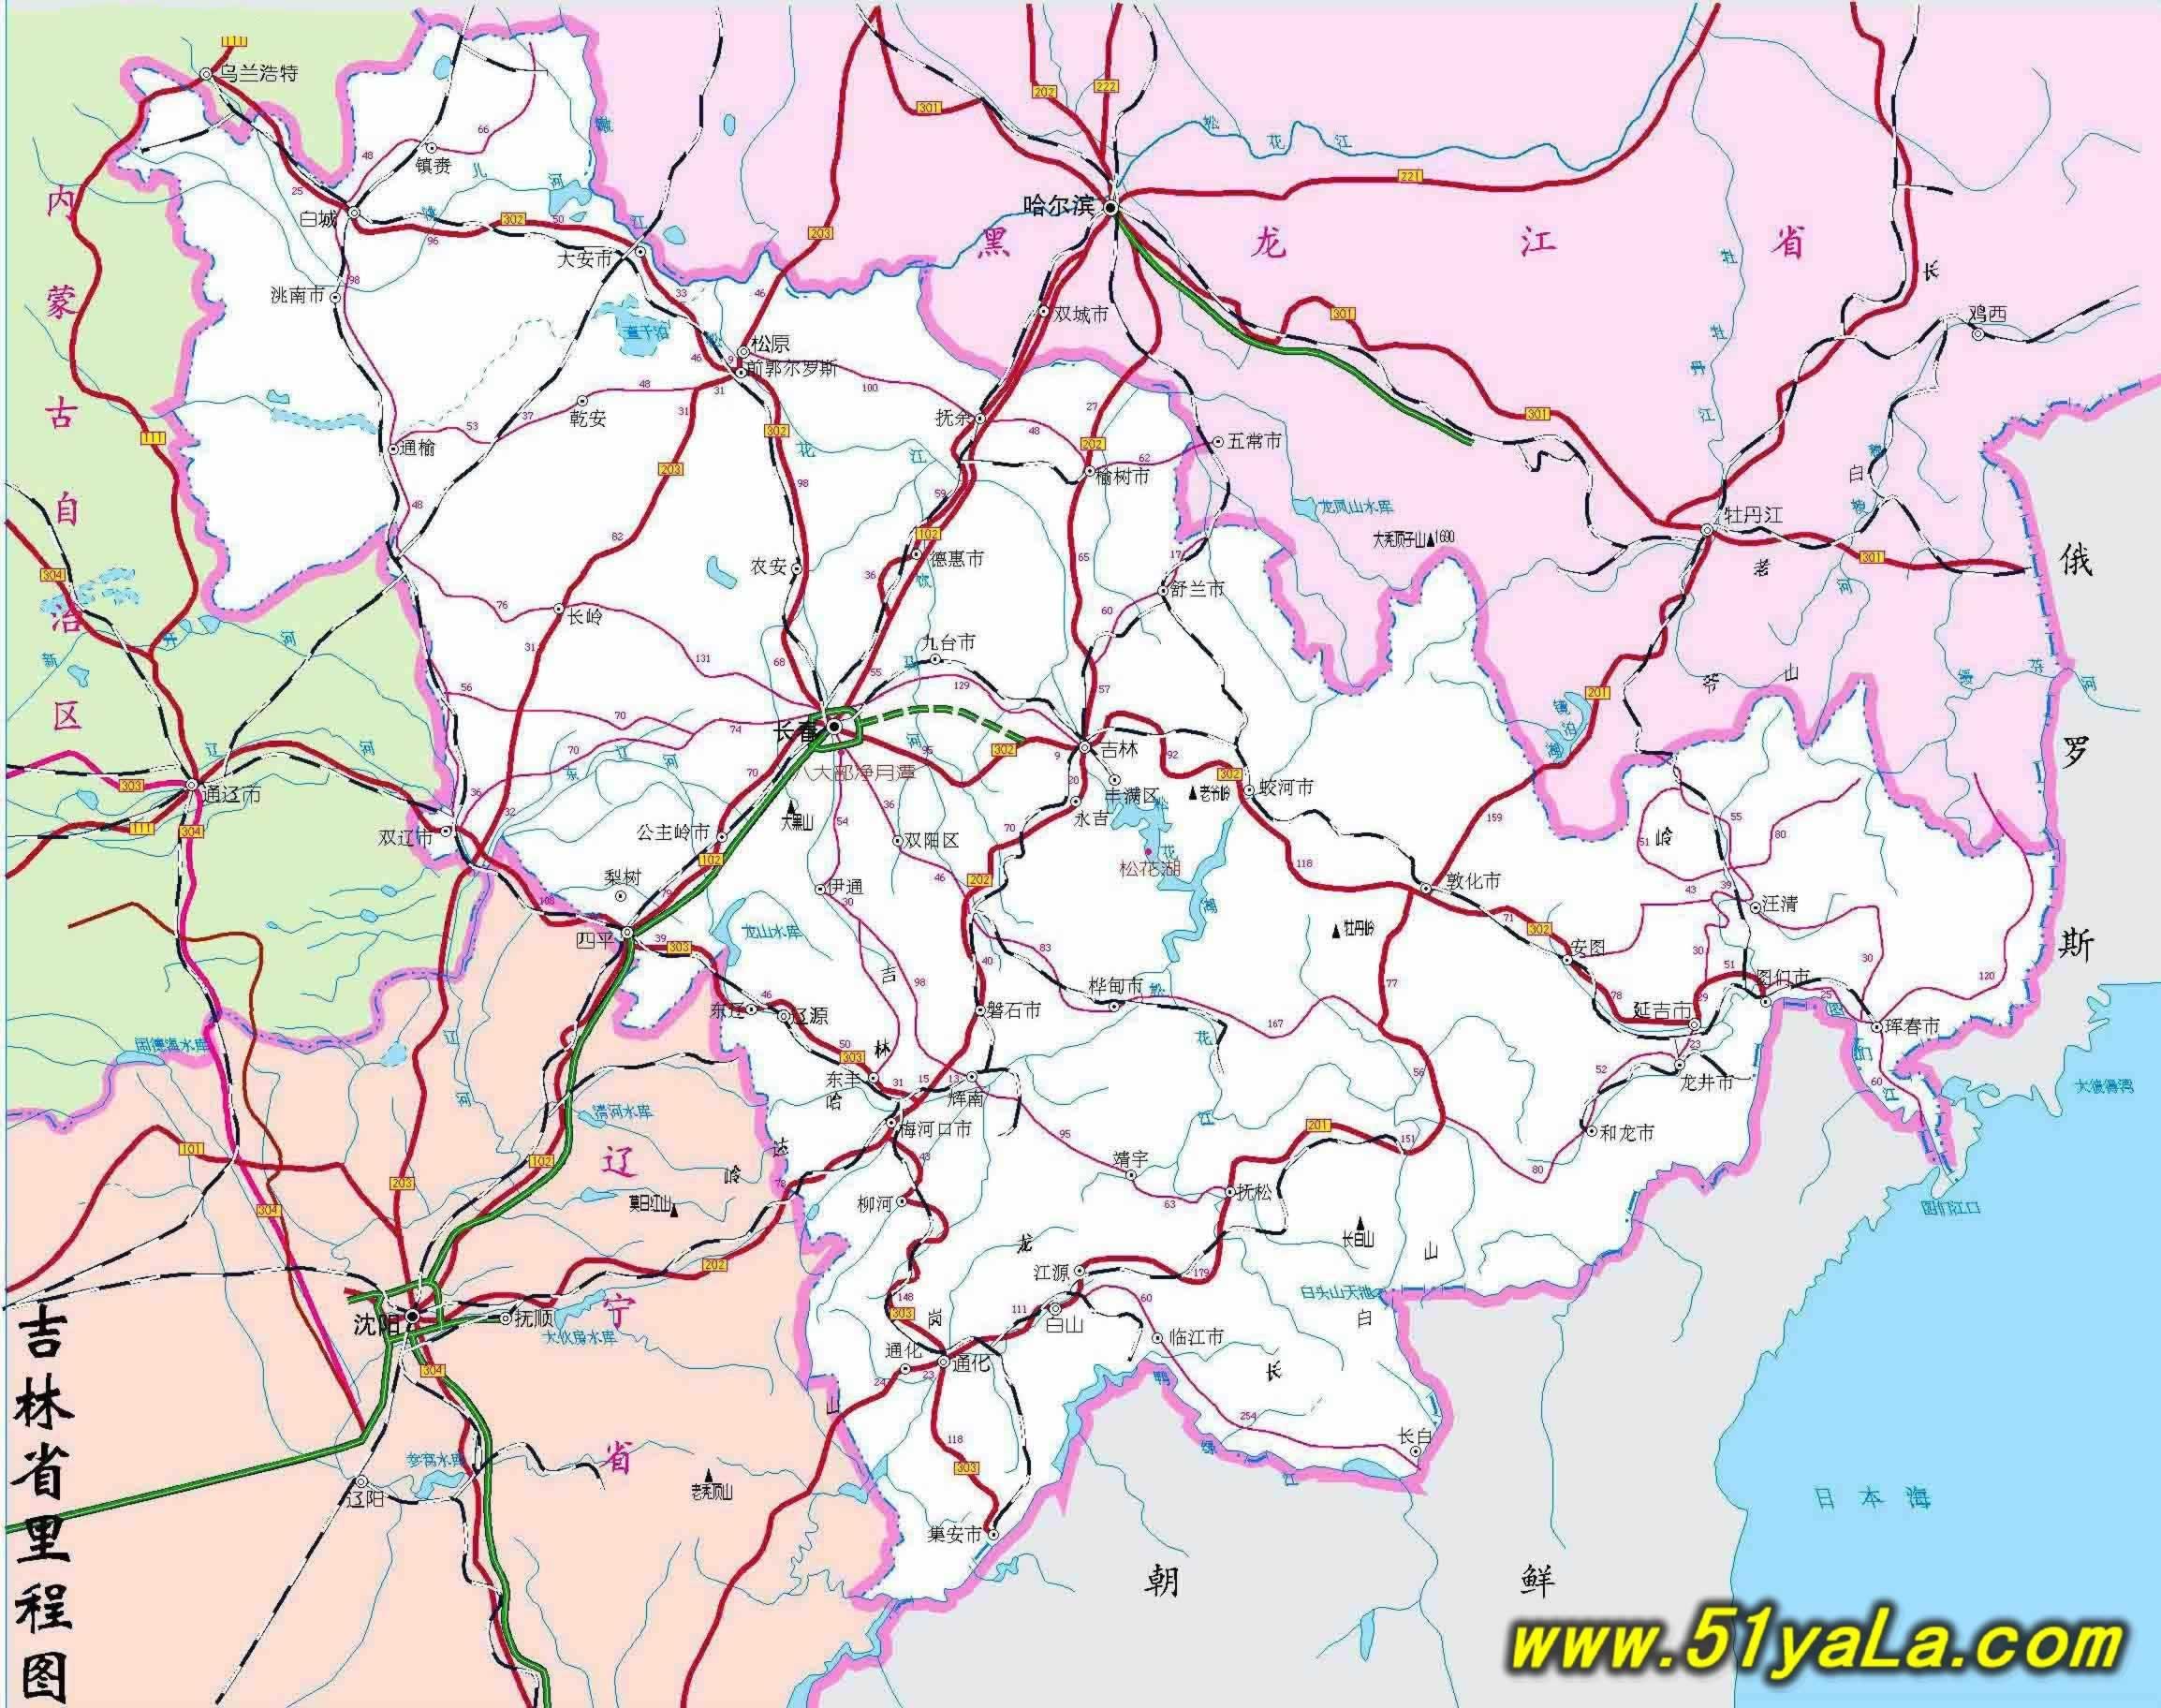 吉林旅游地图 吉林旅游地图介绍图片